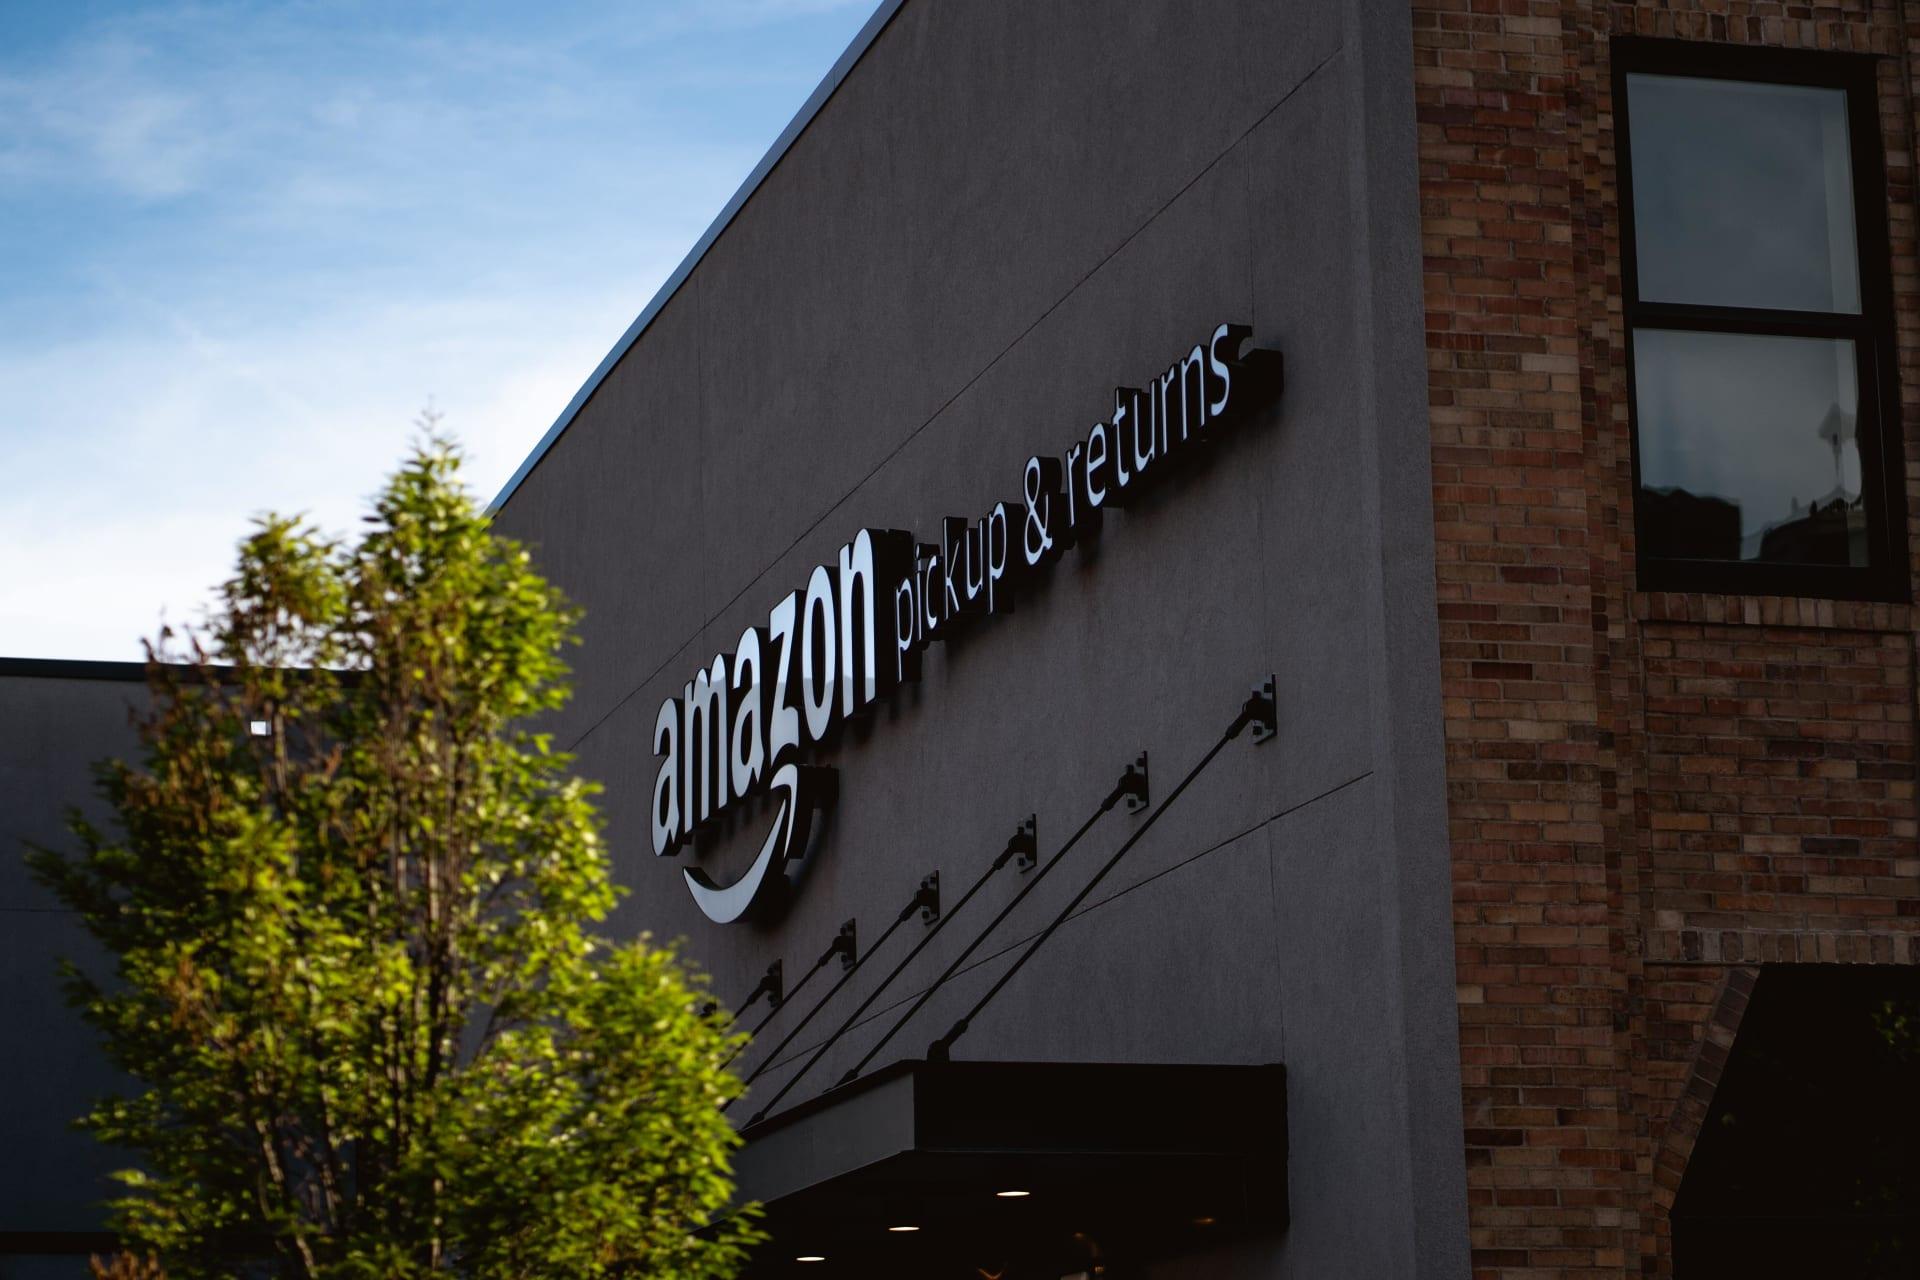 Amazon ABL October 27